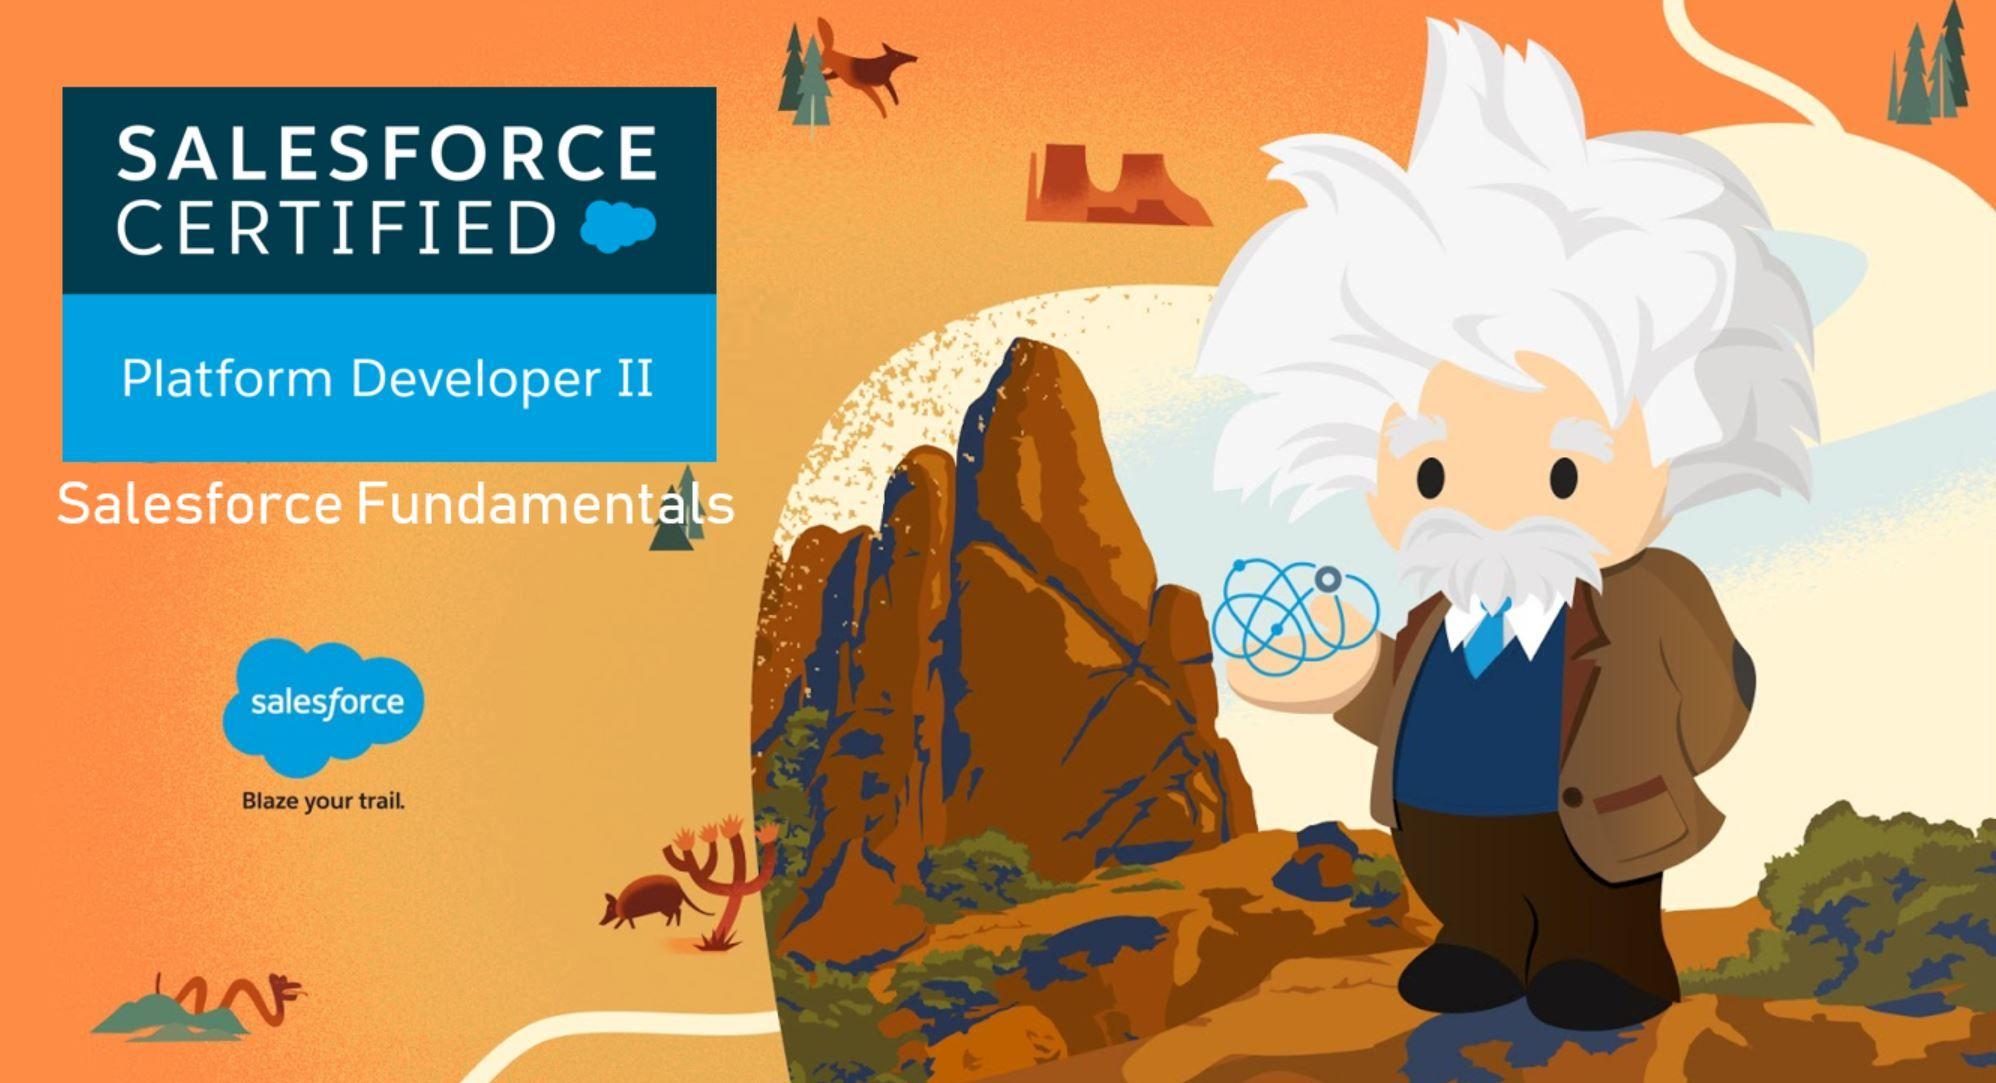 Salesforce Platform Dev II Exam Preparation: Salesforce Fundamentals